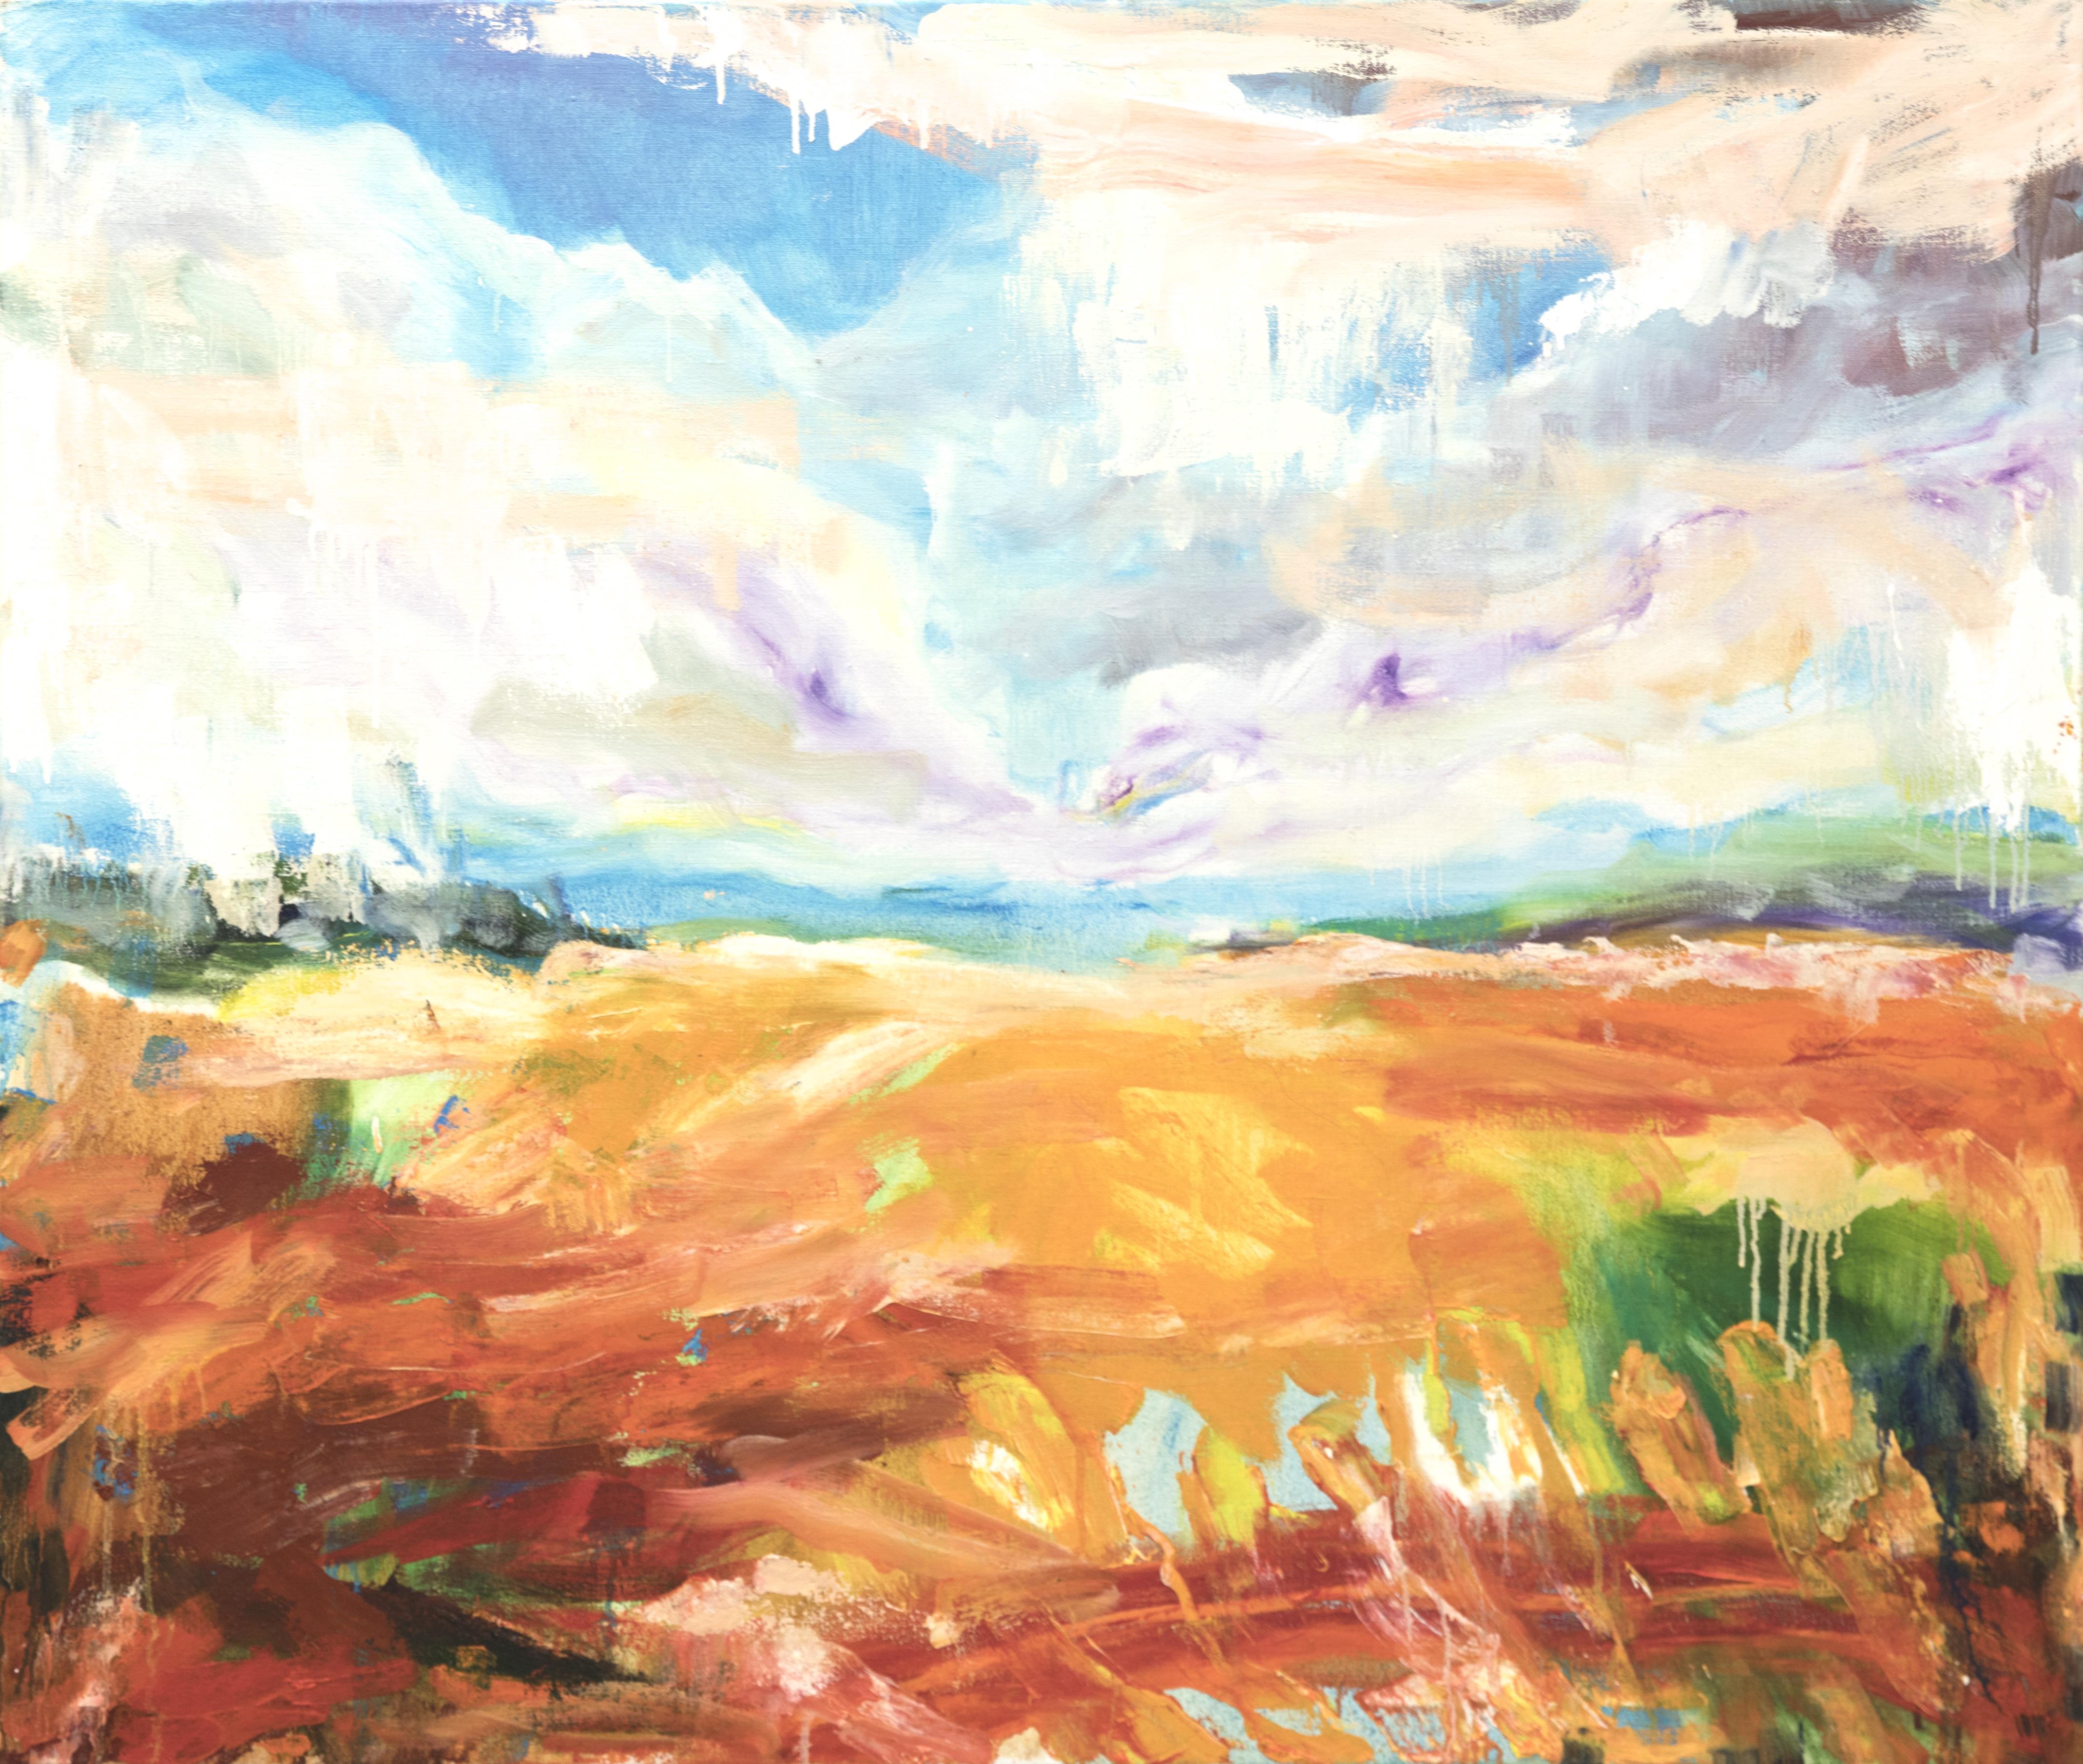 Maisemaa muistuttava abstrakti maalaus. Yllä valkoinen taivas, kirkkaansinistä ja violettia. Maa oranssia ja punaista, häivähdys vihreää ja sinistä.